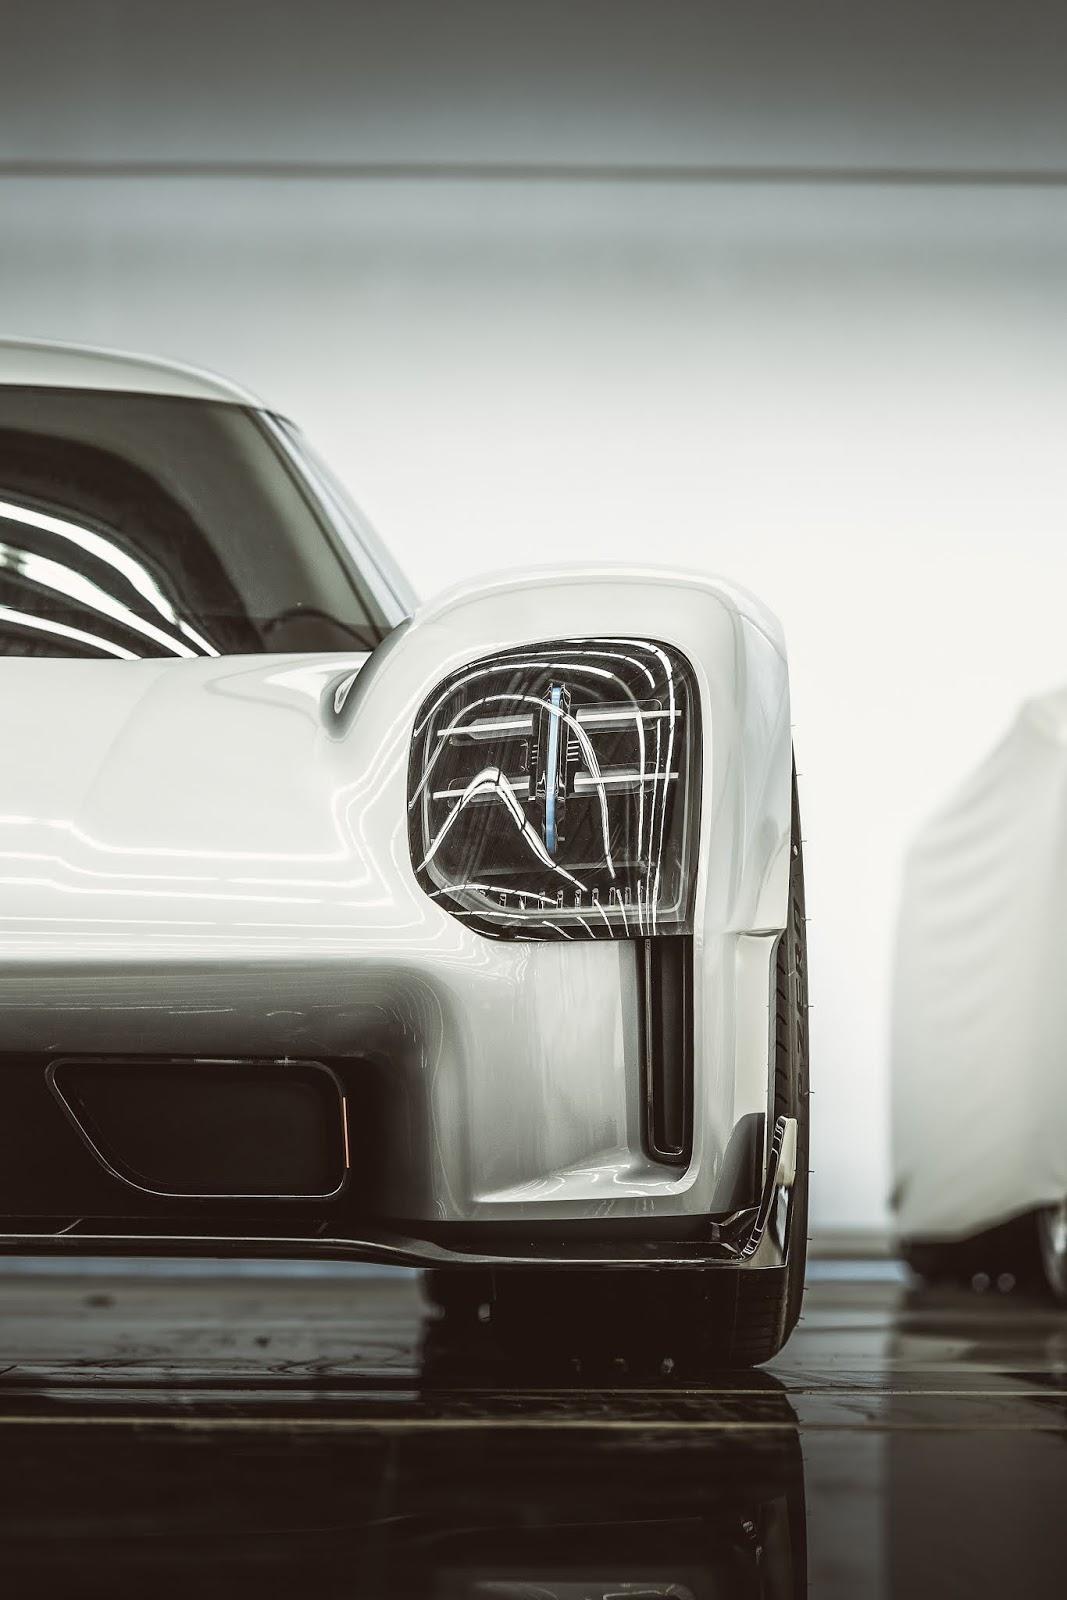 CVS0455 Τα άγνωστα Hypercars της Porsche hypercar, Porsche, Porsche Unseen, Sunday, supercar, supercars, zblog, ειδήσεις